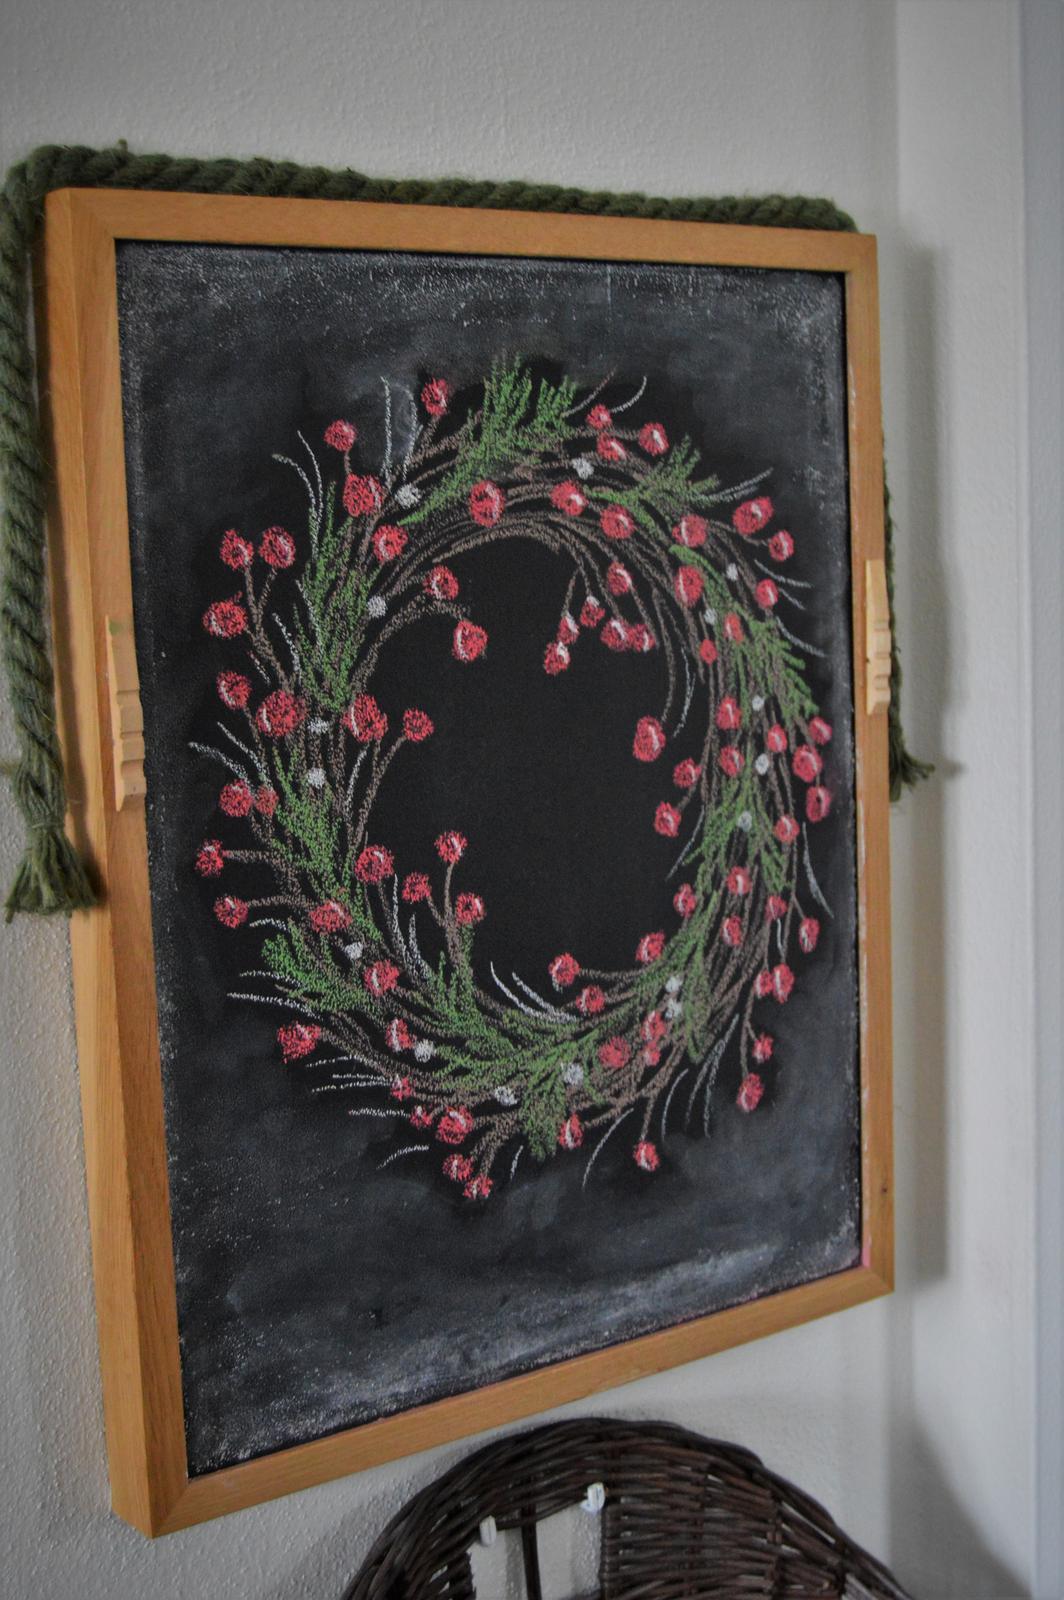 Vianočný čas u nás... - tento rok som kresbu na tabuľu trochu prifarbila...myslím, že venček sa celkom podaril...